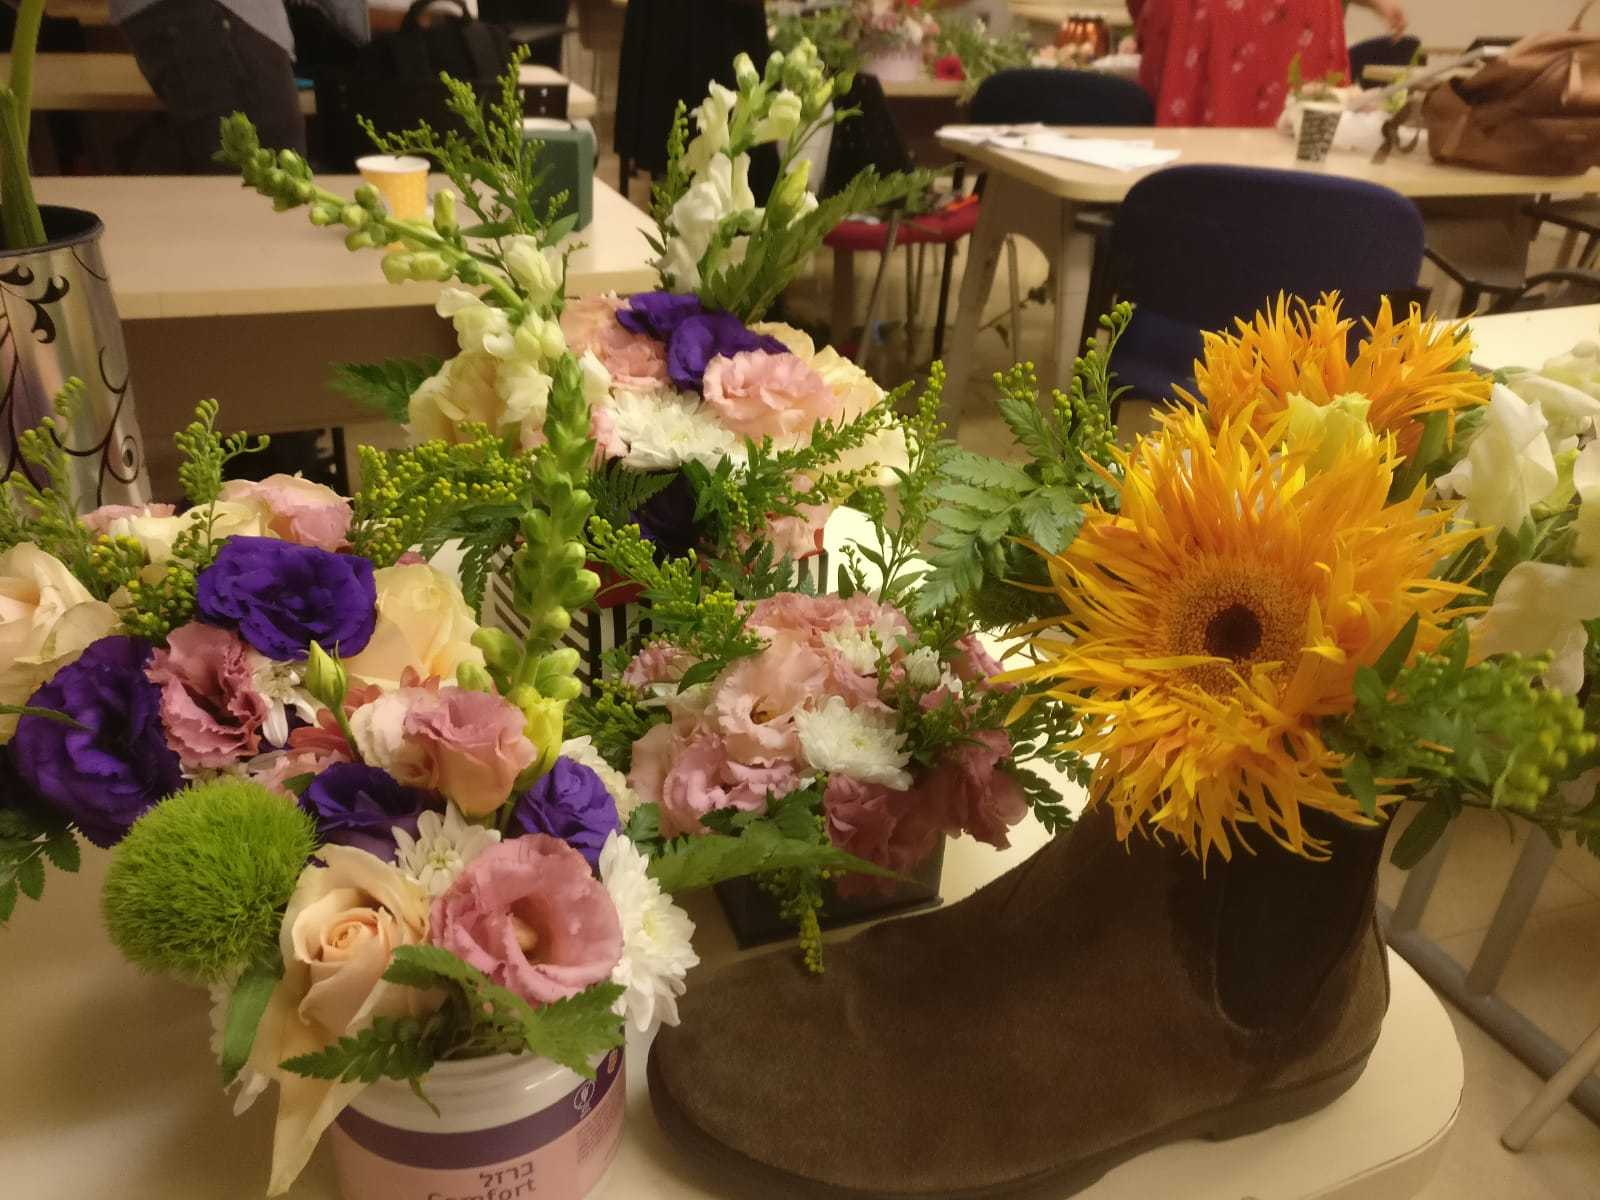 גלרייה - שיעור שזירת פרחים - קורס הפקת אירועים מחזור 23, 18 מתוך 32